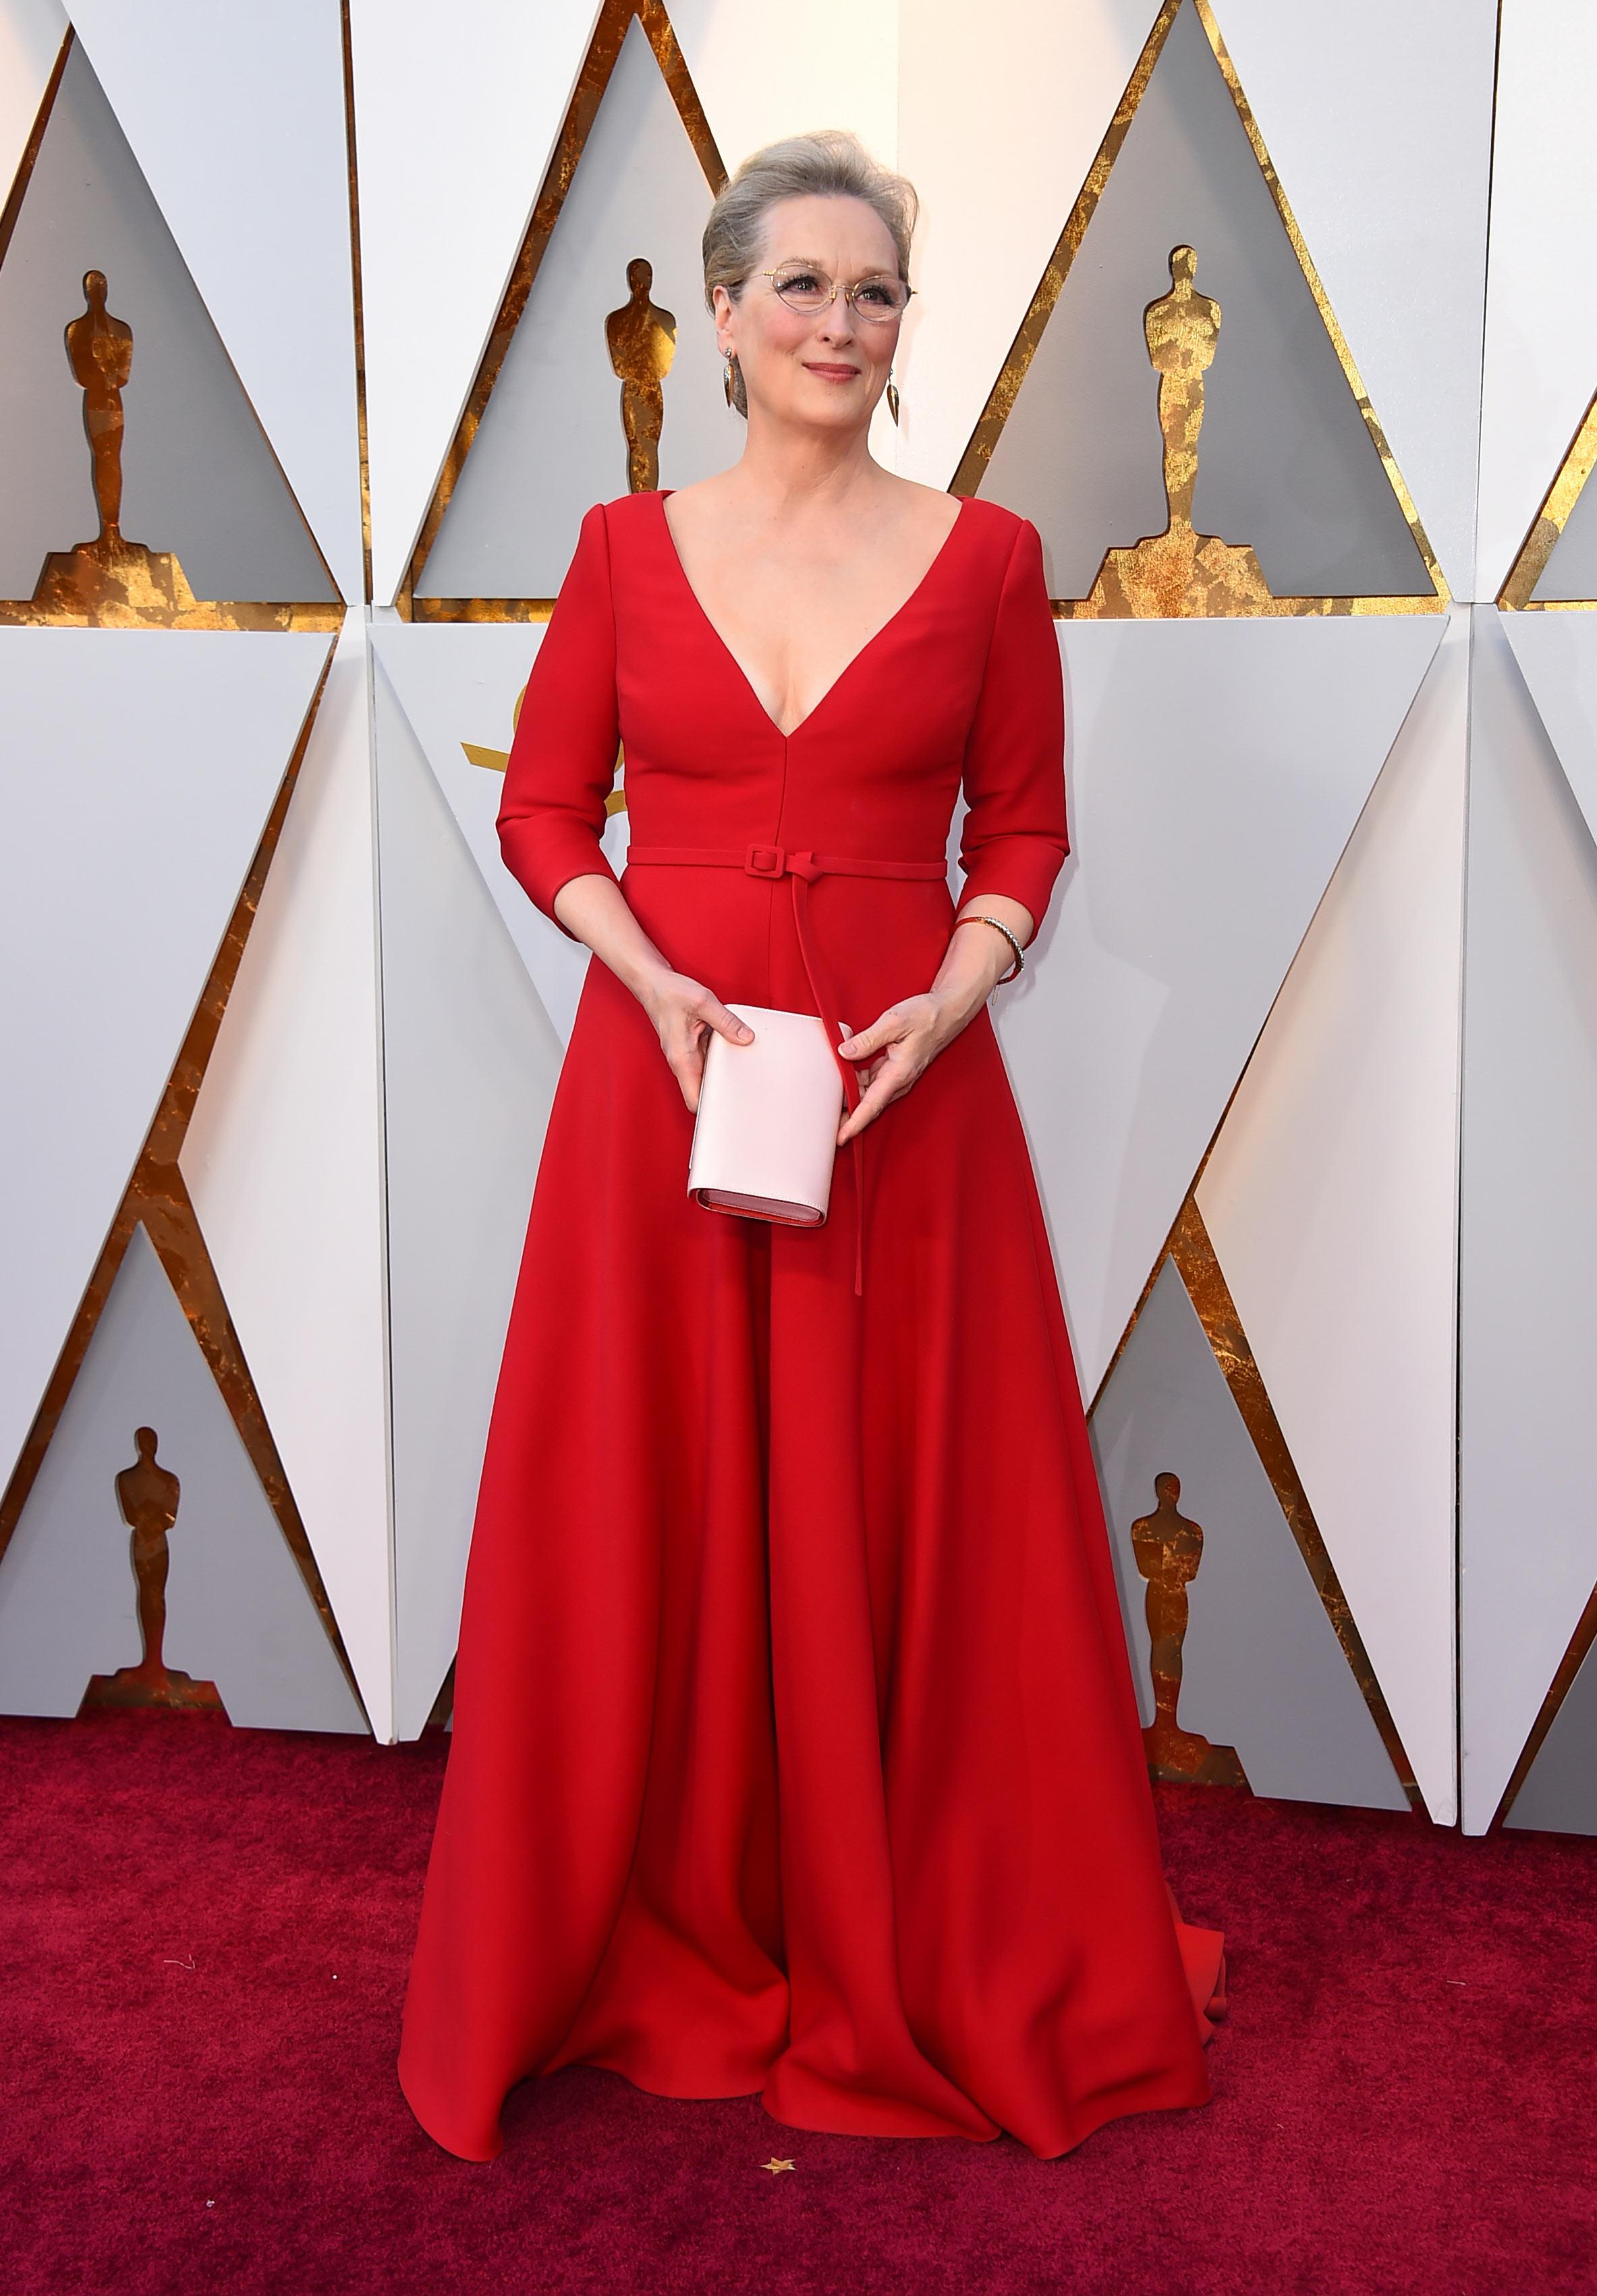 Meryl Streep, la actriz con más nominaciones en la historia de los Oscar, en un elegante vestido rojo de escote V profundo de la firma Dior. (The Associated Press)